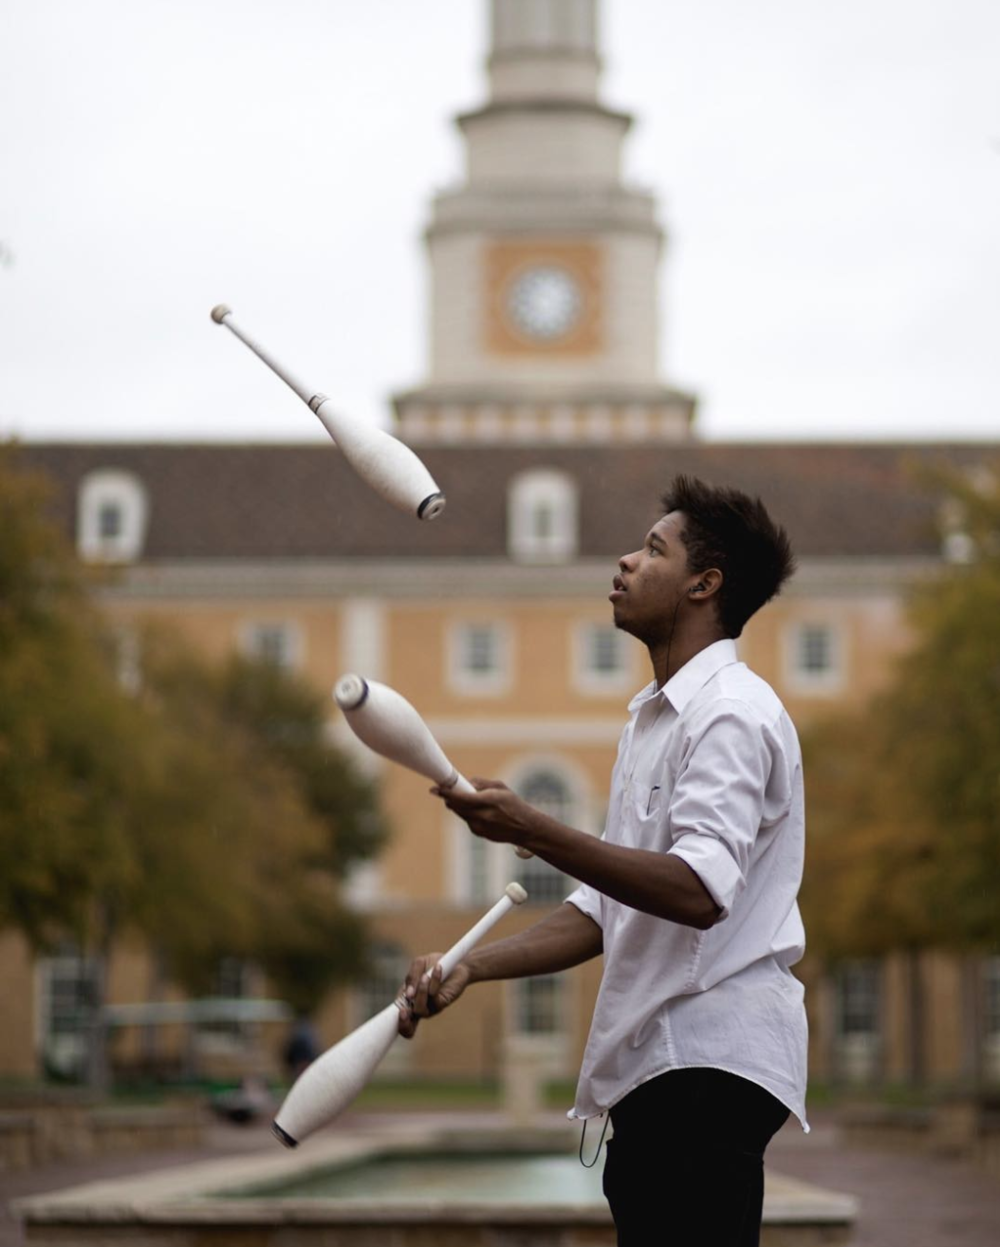 @bradholt photographed a juggler at UNT.